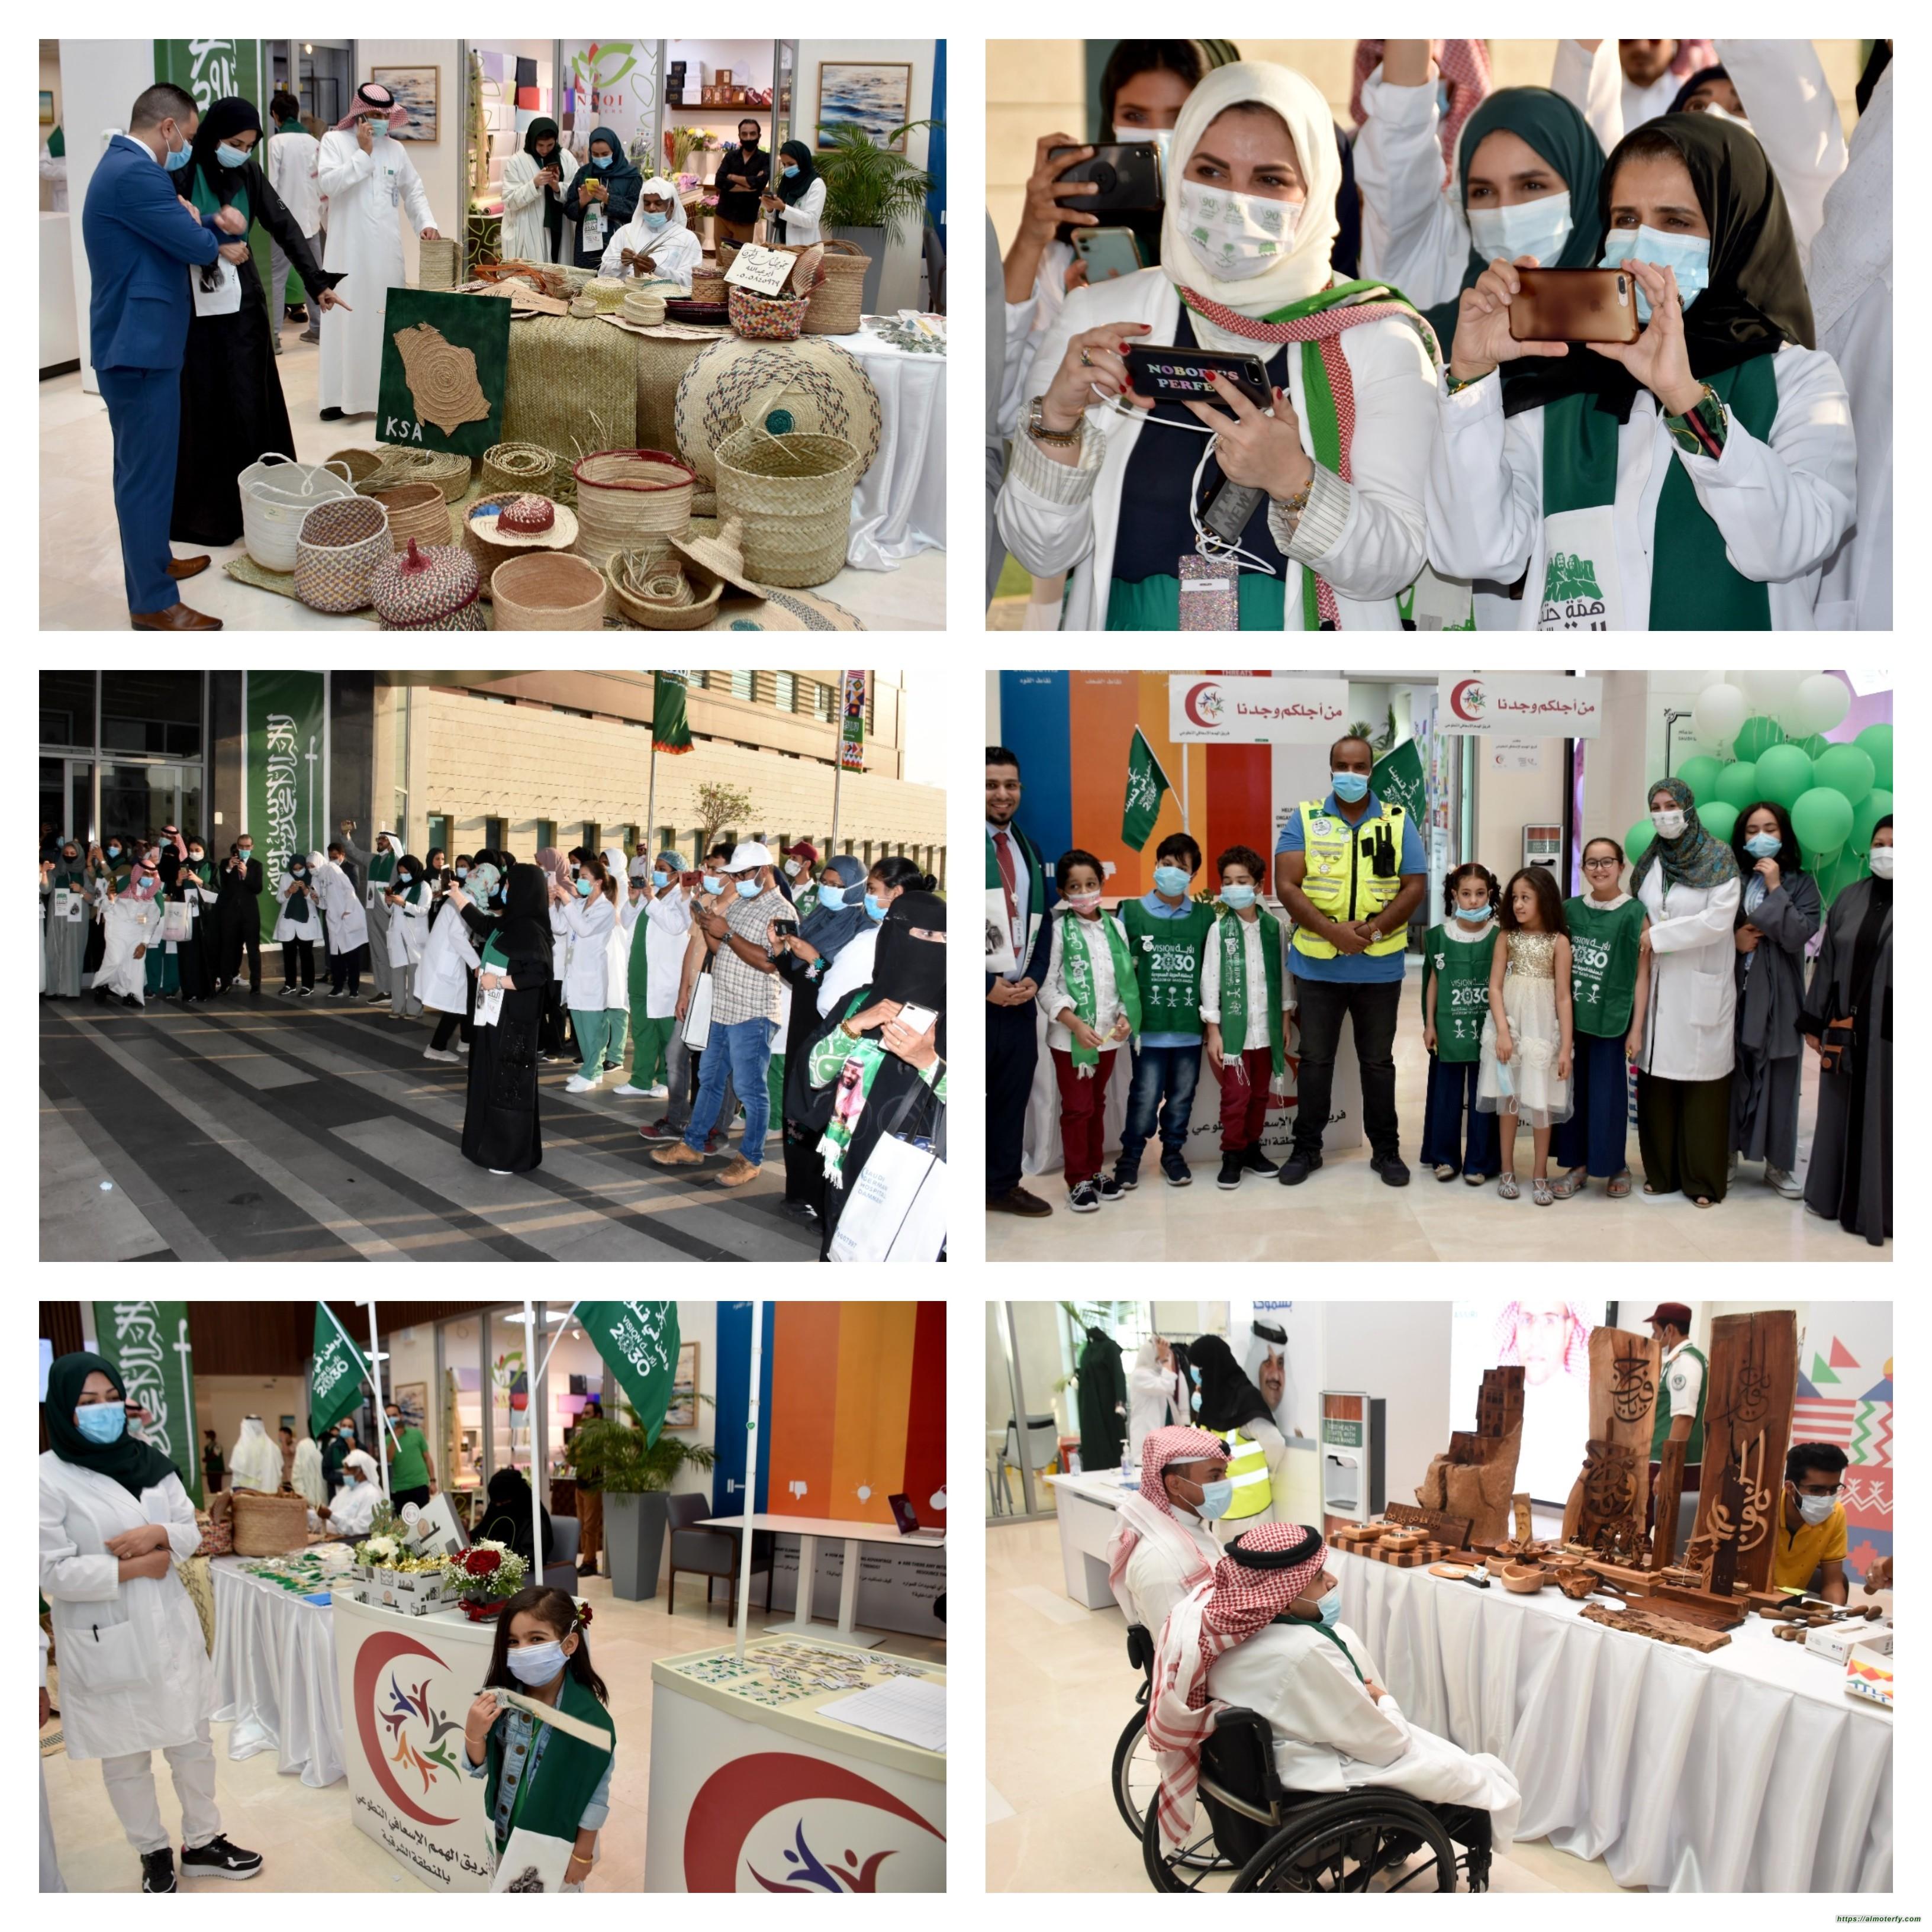 85 متطوع ومتطوعة يشاركون احتفالات السعودي الالماني باليوم الوطني الـ 90